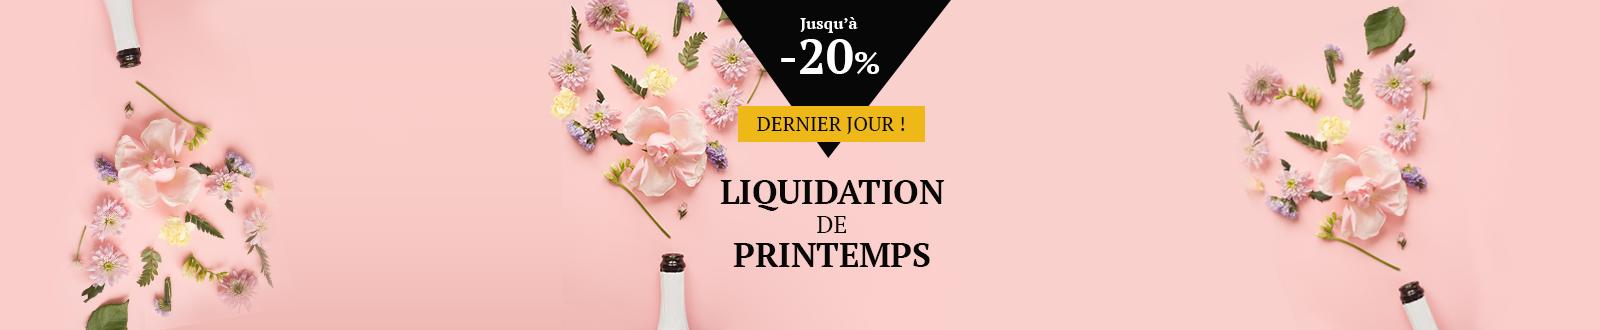 DERNIER JOUR Liquidation de Printemps ! Jusqu'à -20% !